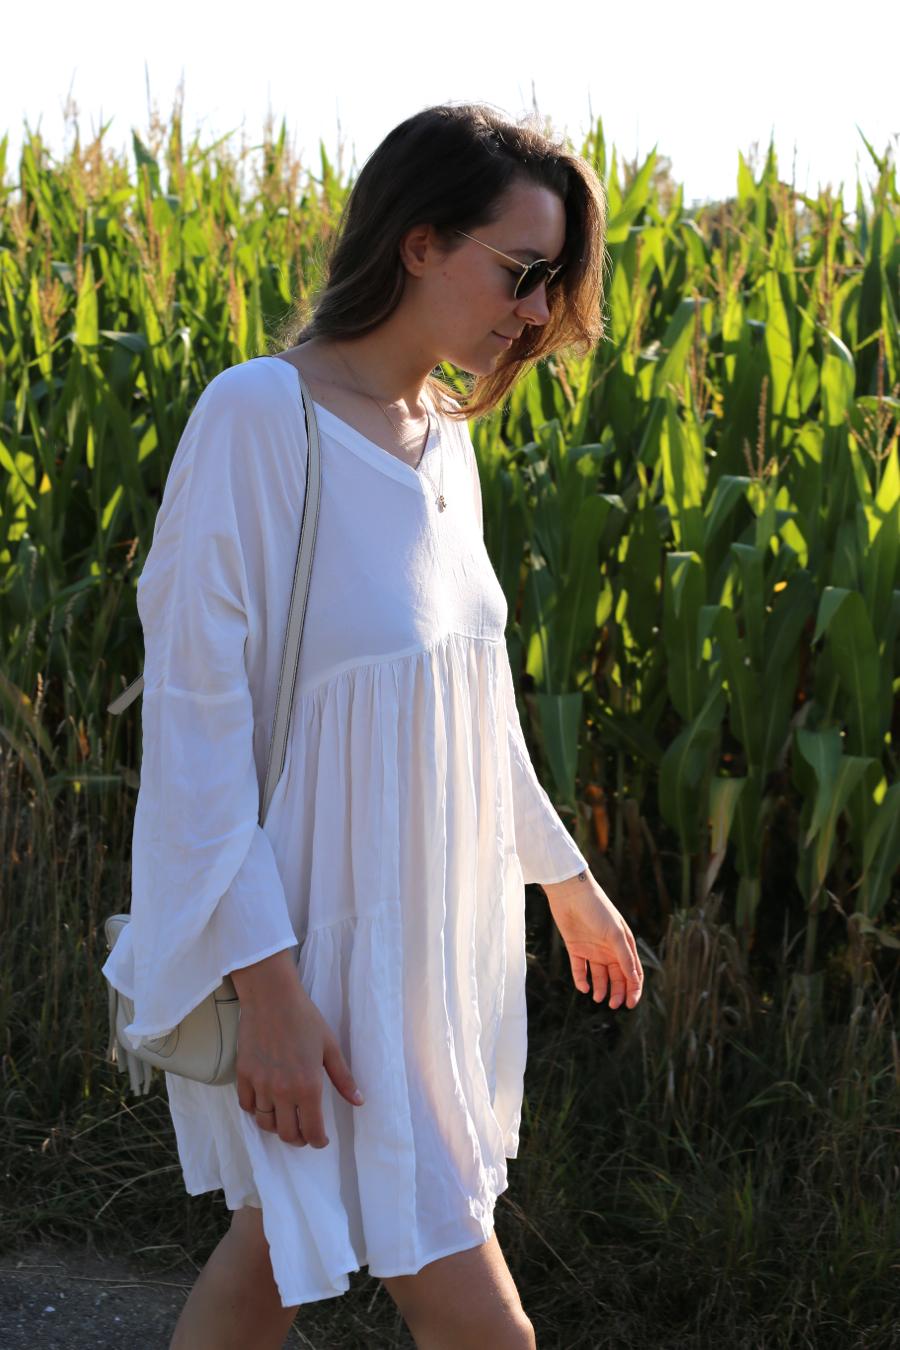 ari_traegt_white_edited_dress_gucci_sohobag7